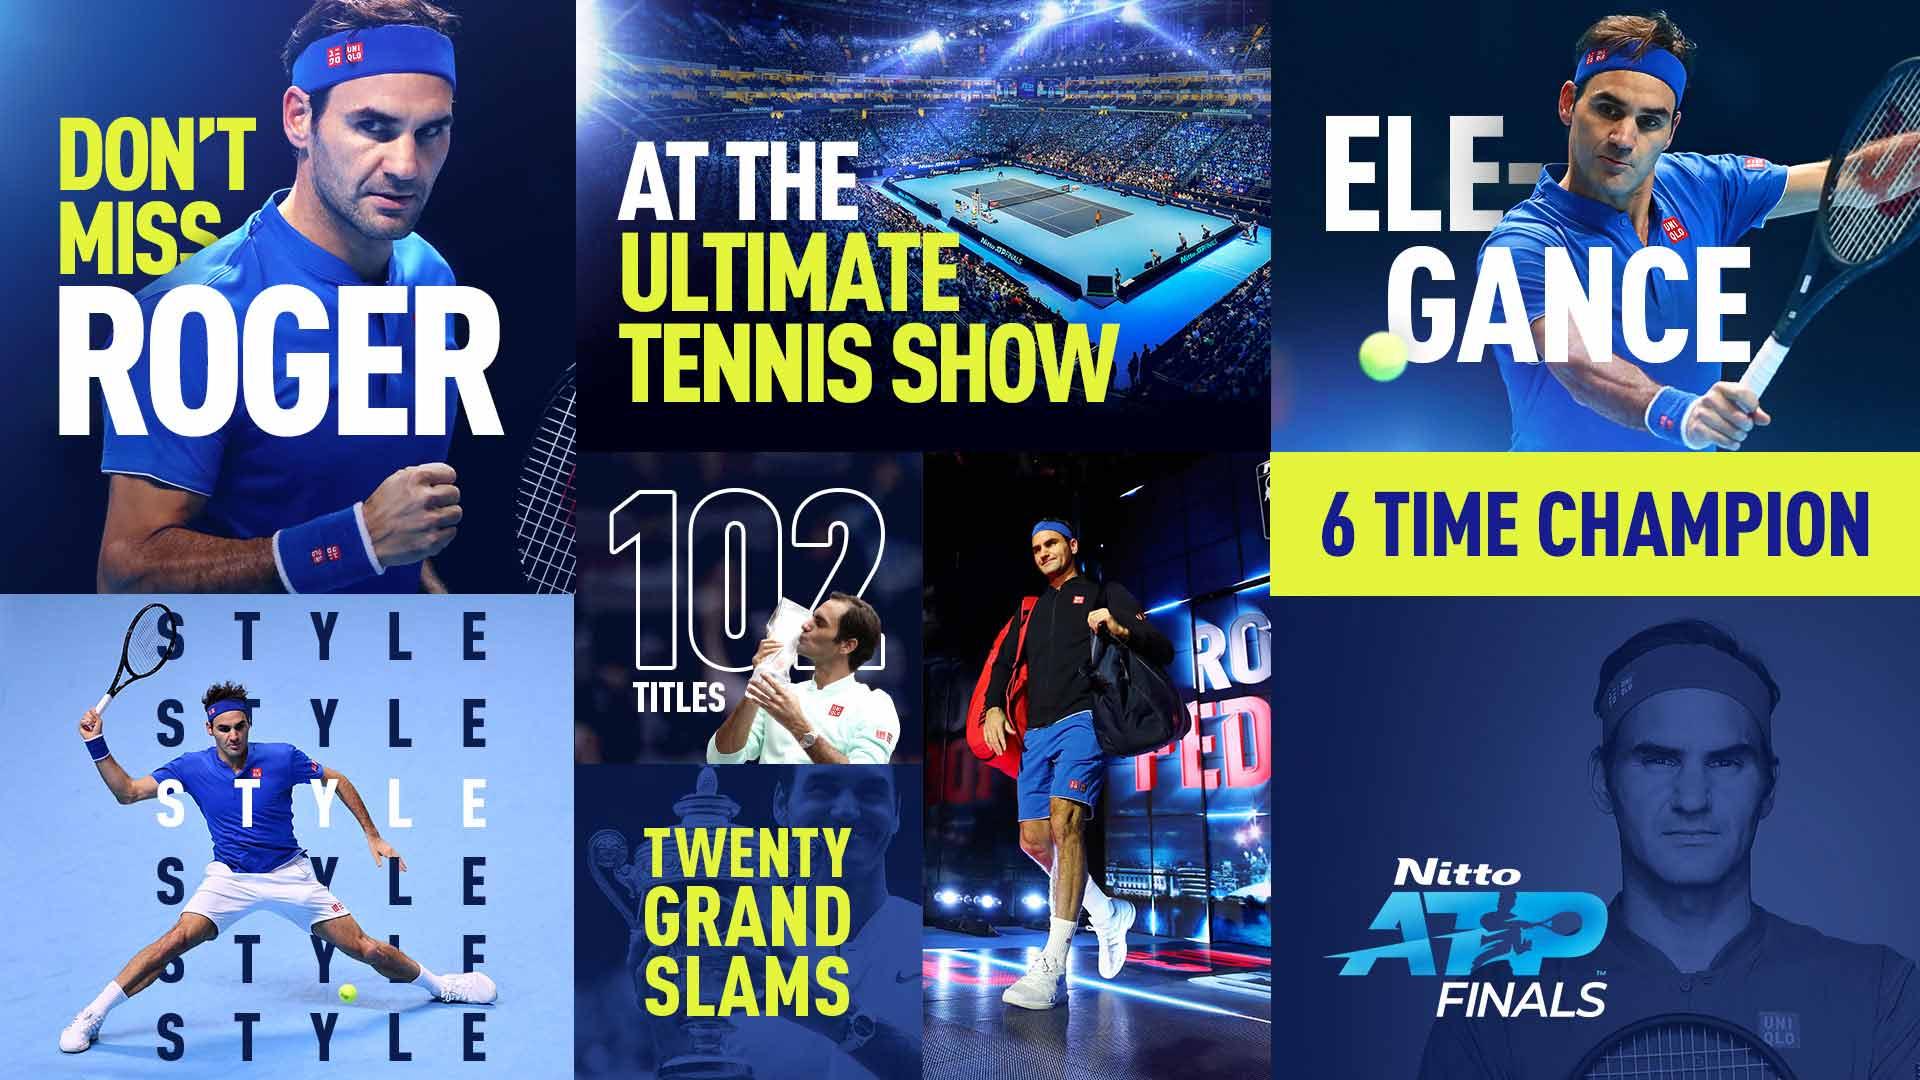 Федерер в 17-й раз в карьере прошел на Итоговый турнир сезона